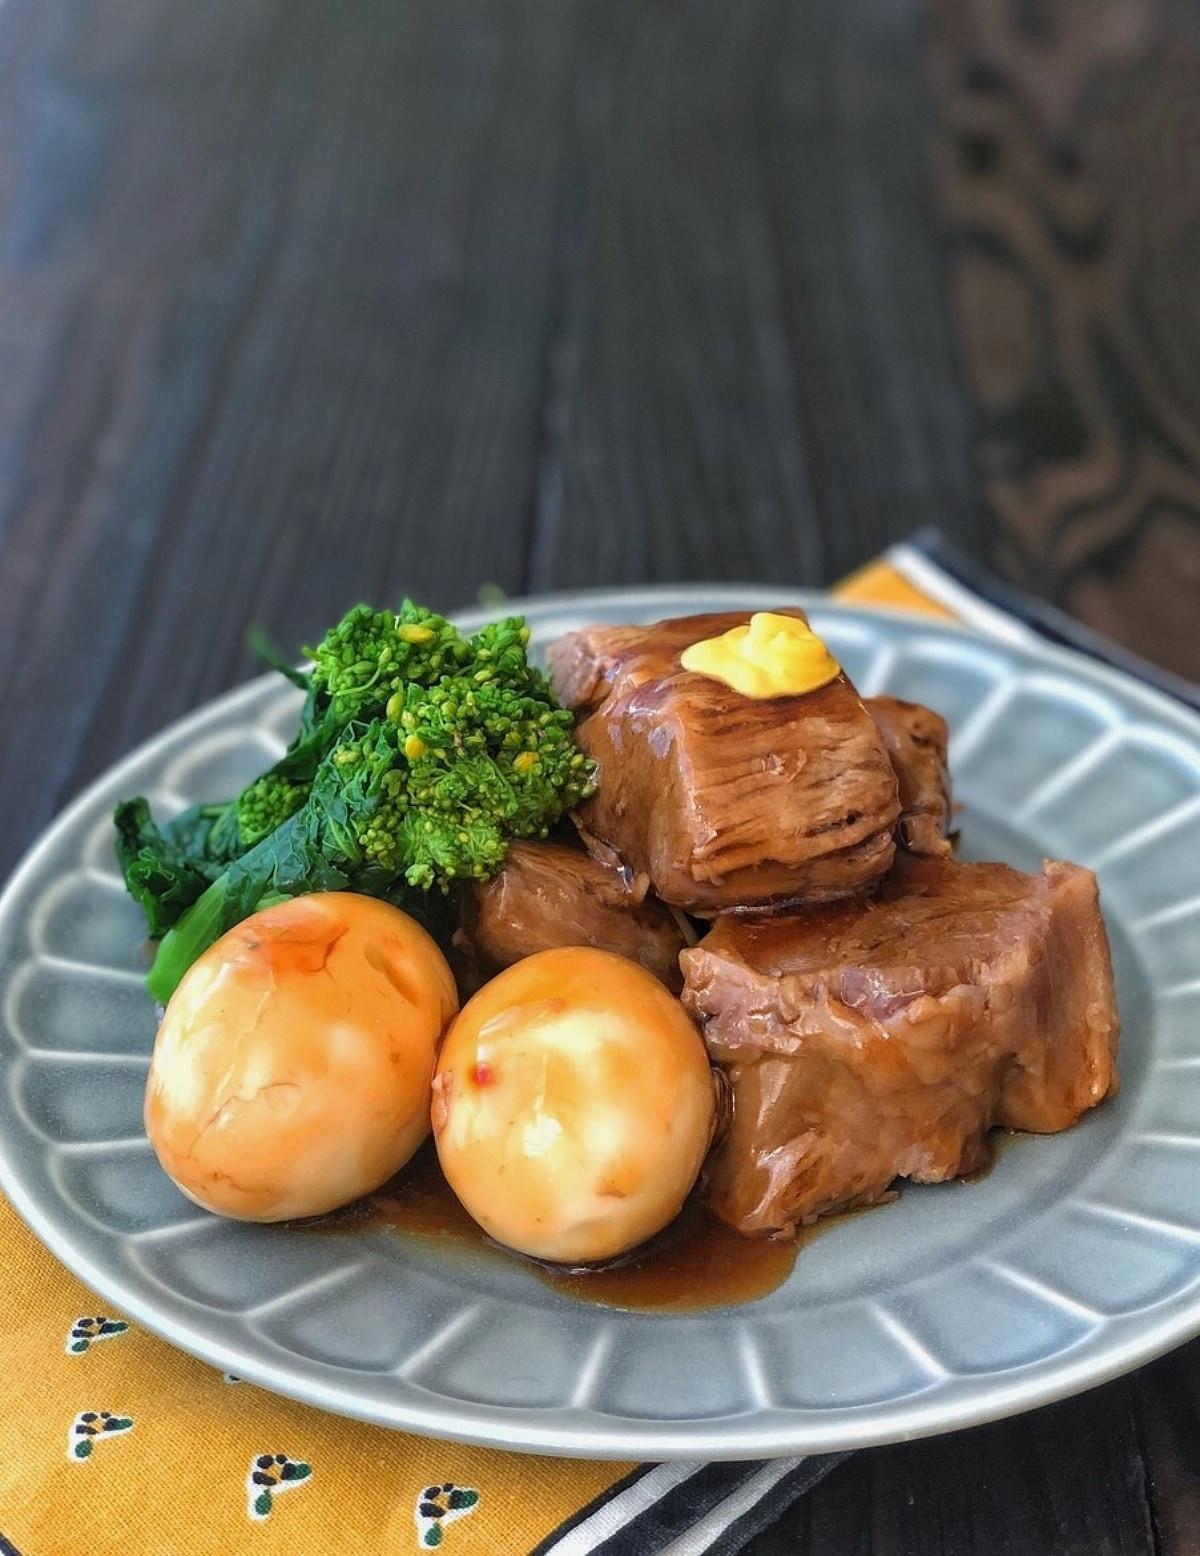 ロース 豚 かたまり レシピ 肩 「豚肉の部位を知れば失敗しない!!レシピとあわせて部位の特徴をこっそり教えます☆」